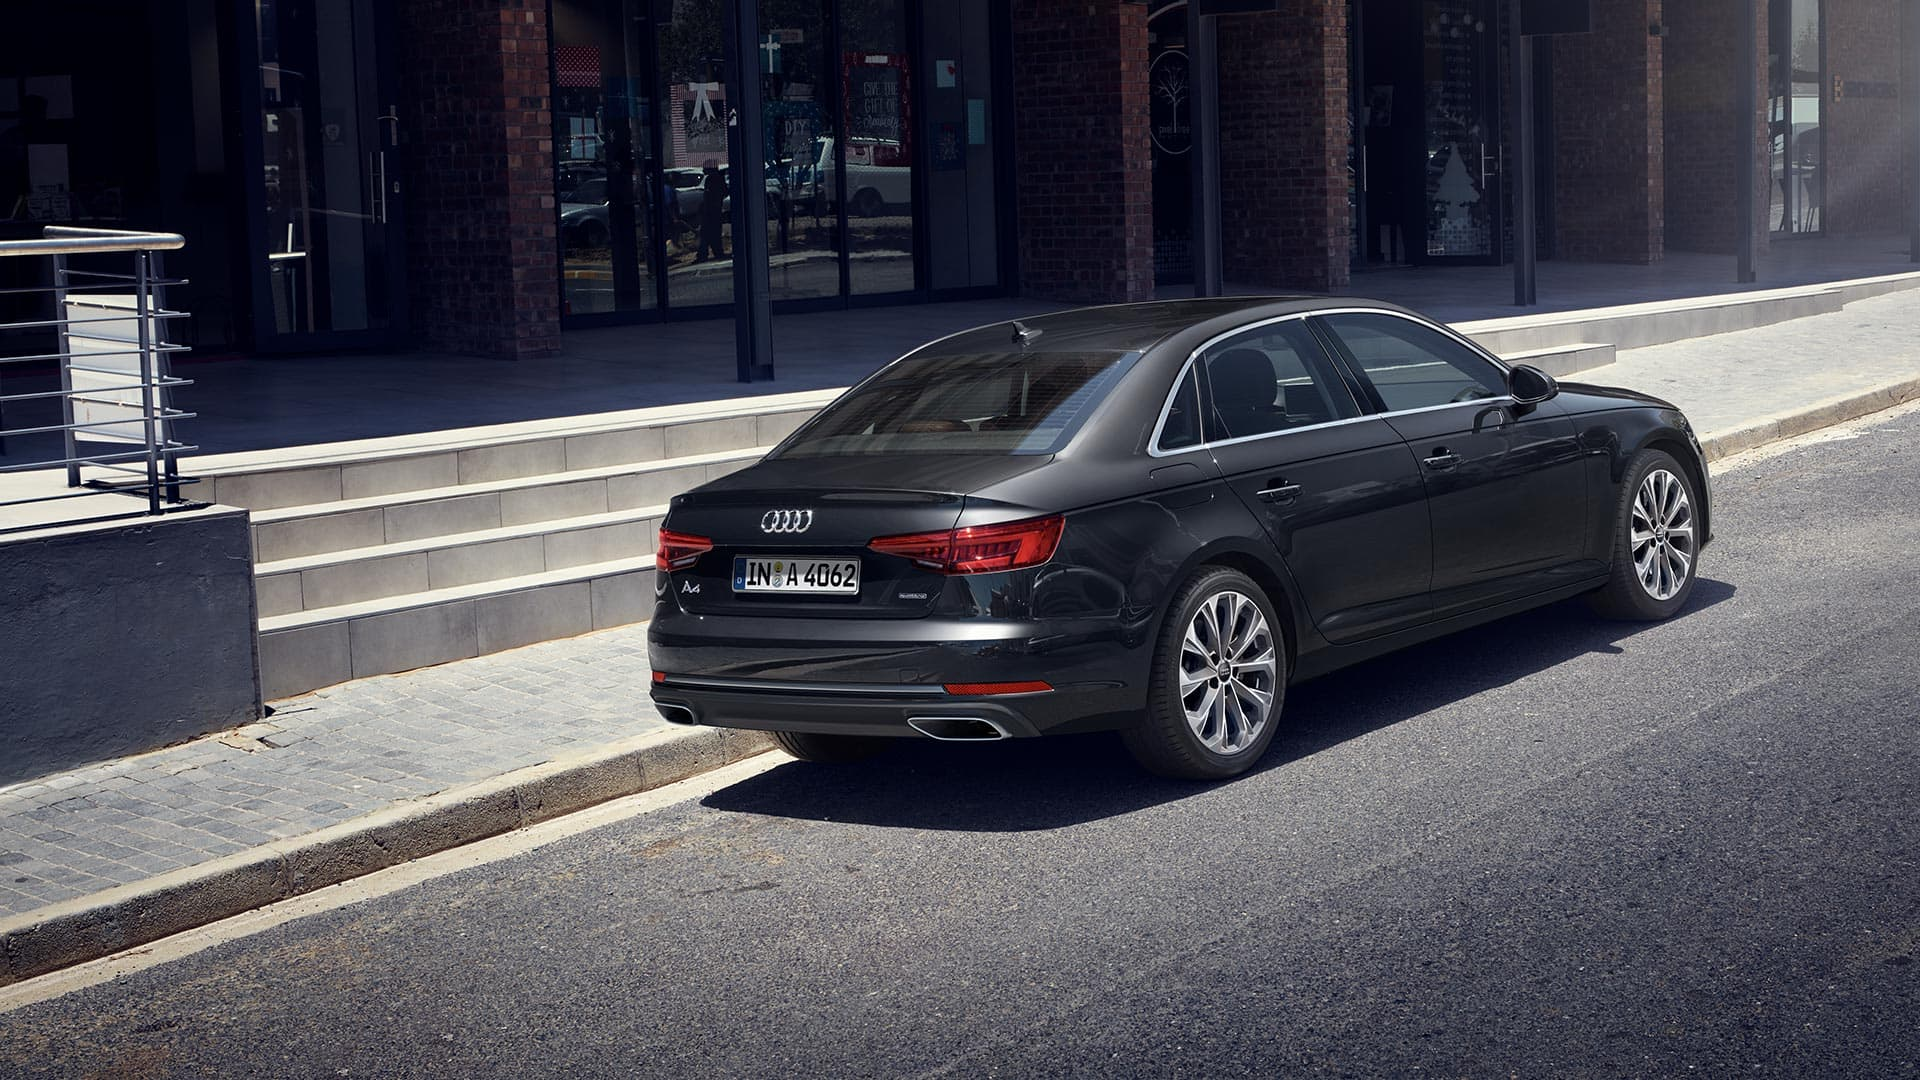 Audi A4 Berline 2019 Gt Audi A4 Gt Audi Belgi 235